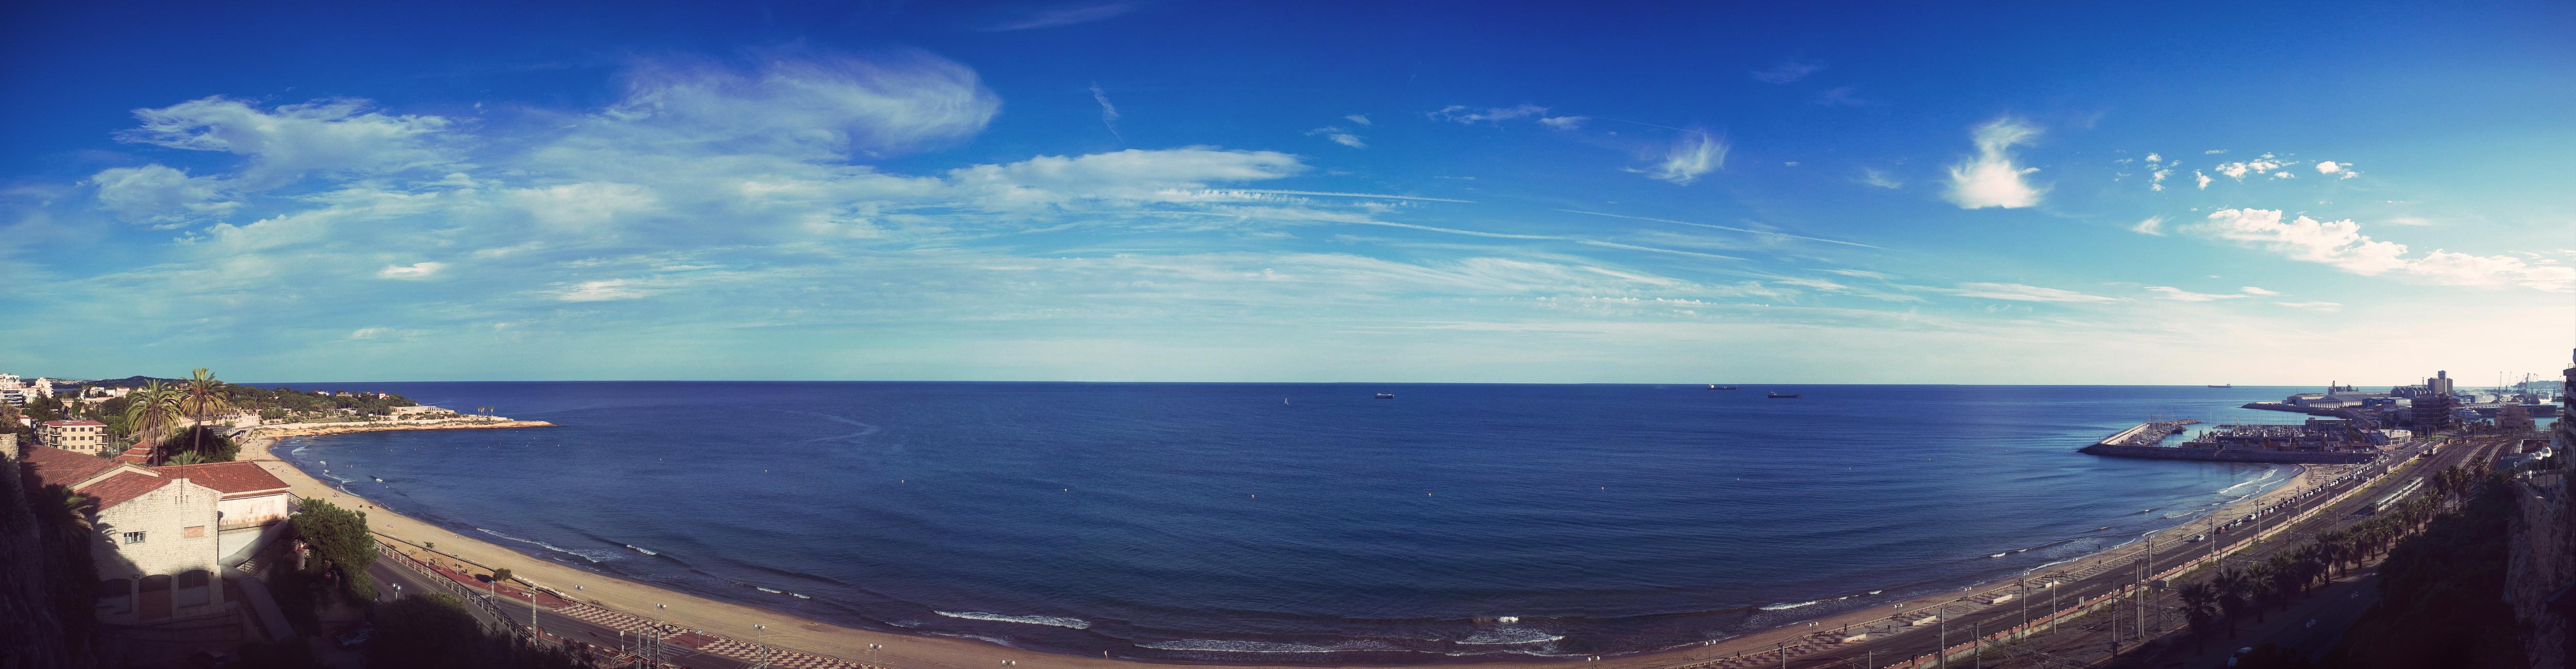 Tarragone - Panorama de la mer méditerranée